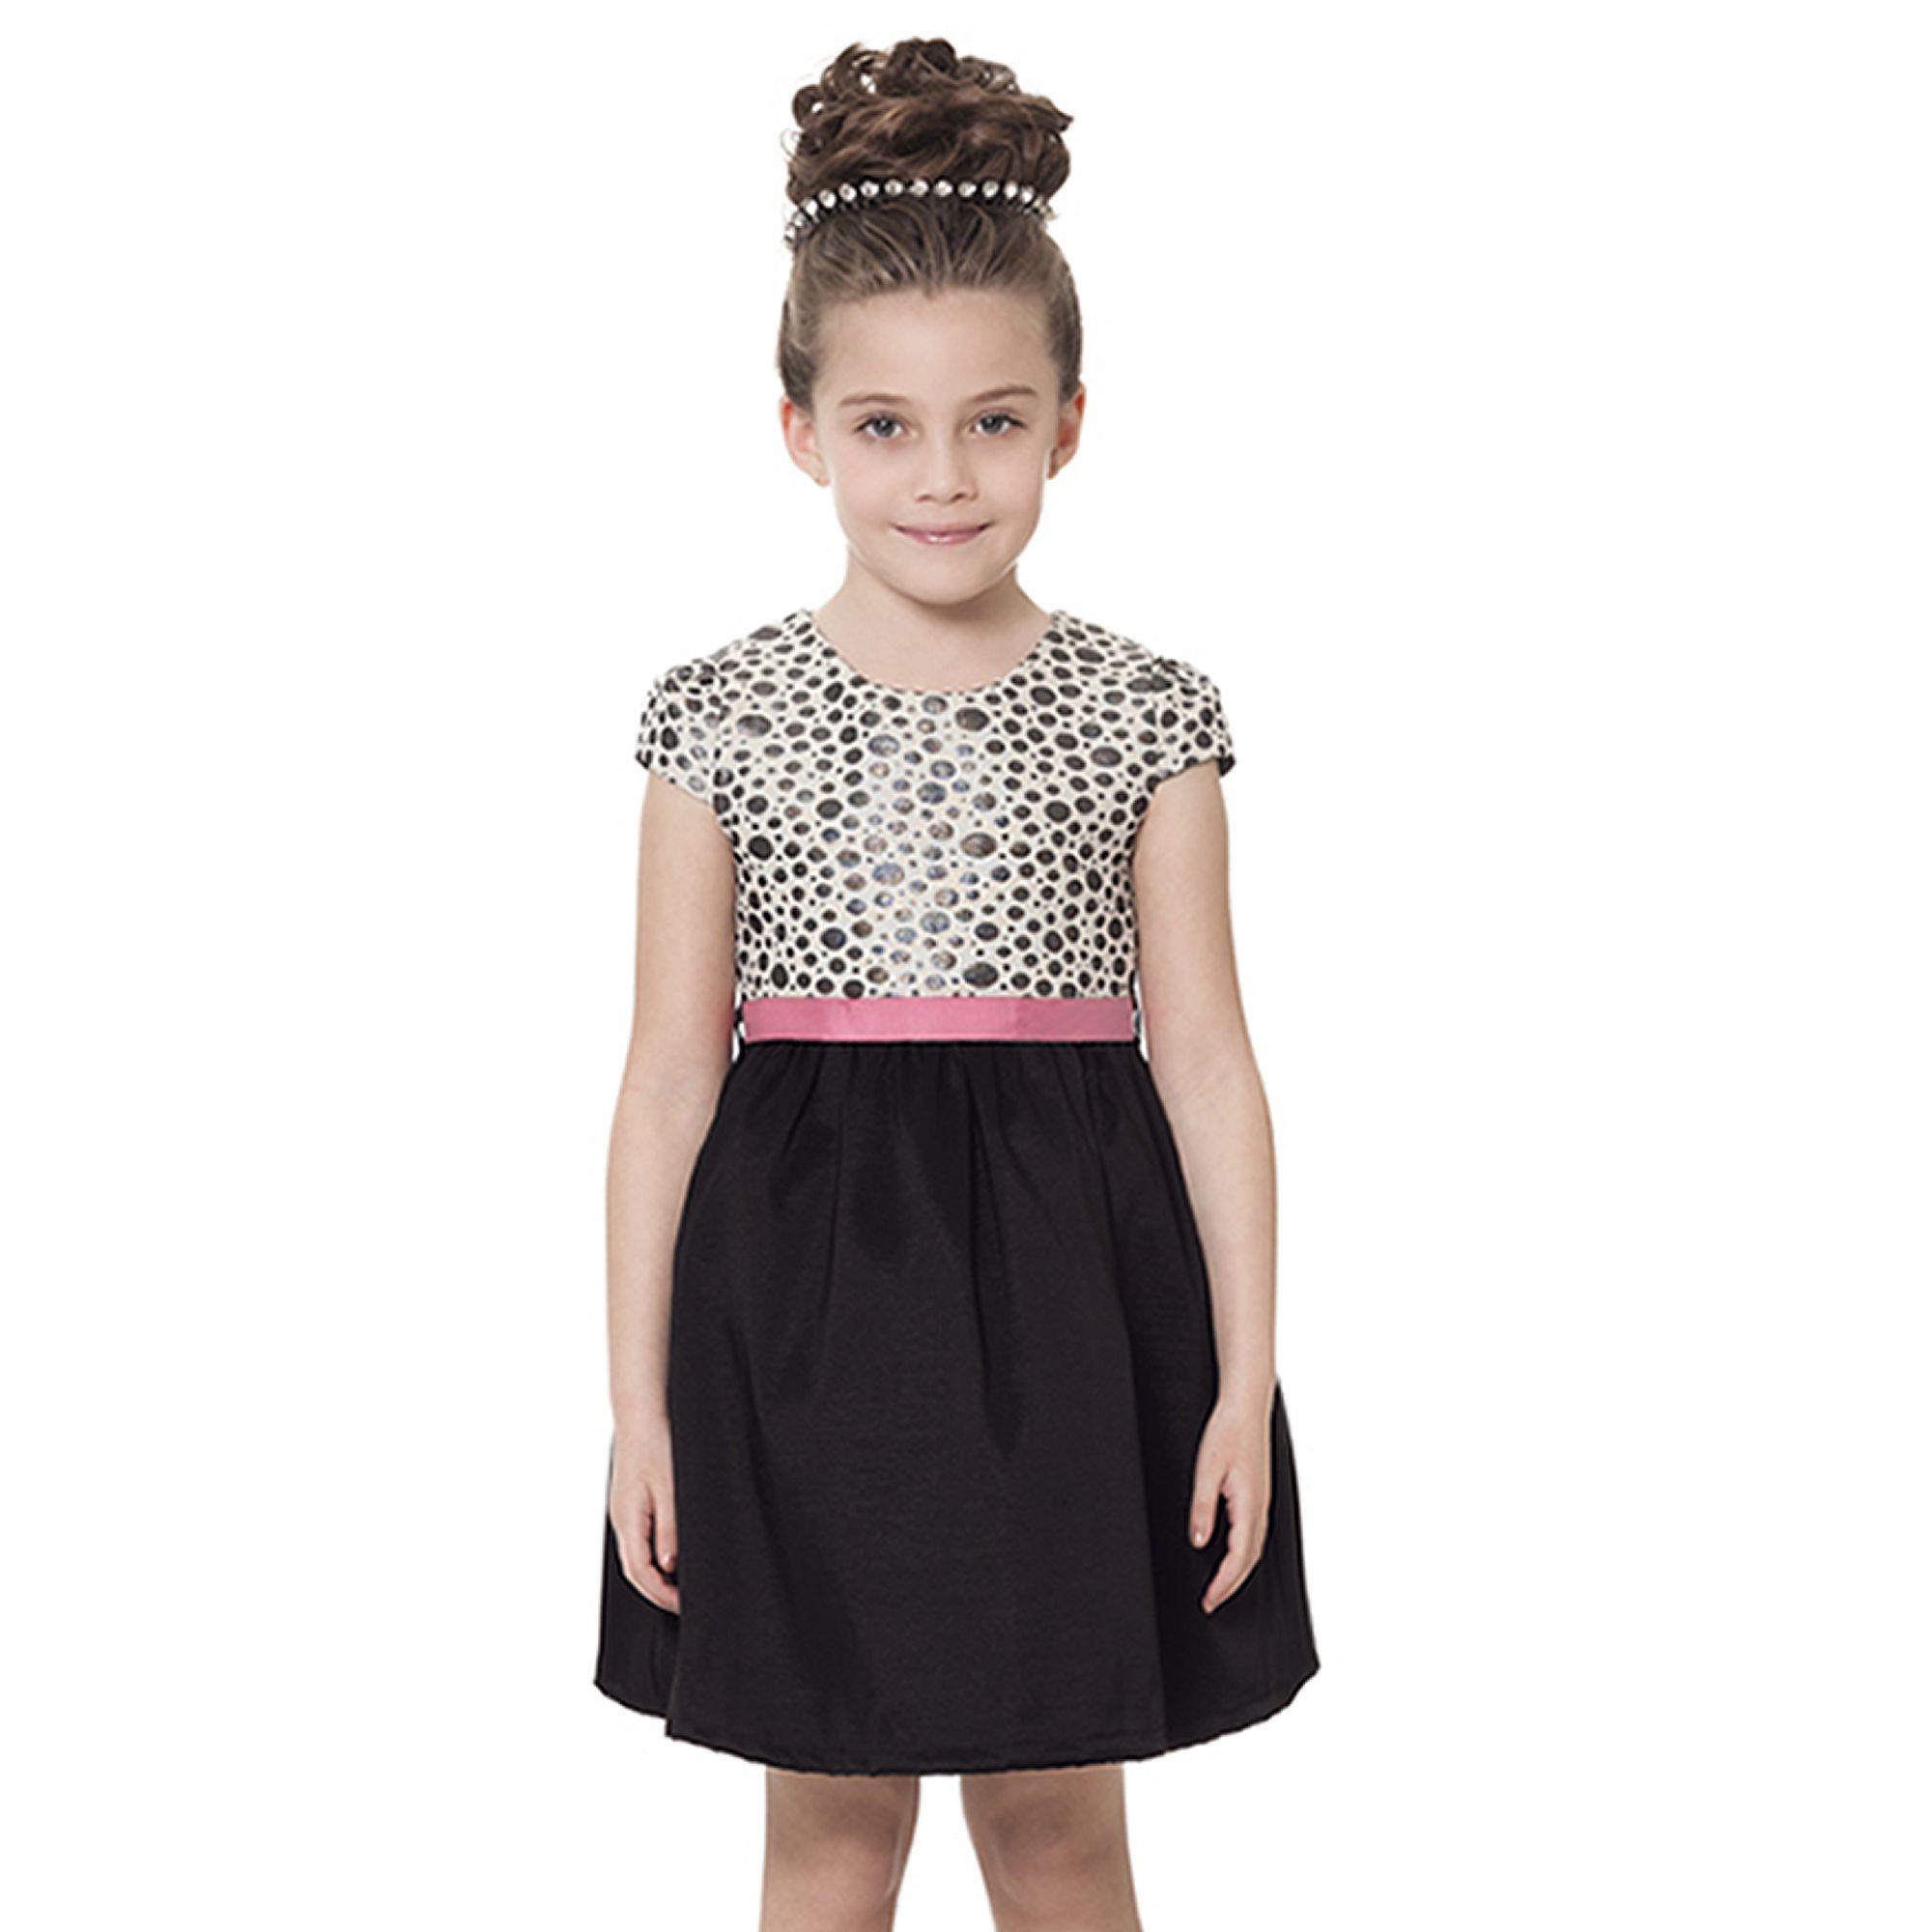 bd0fead990 Vestido Infantil para Festa em Jacquard e Tafetá com Bolinhas Pratas -  Quimby